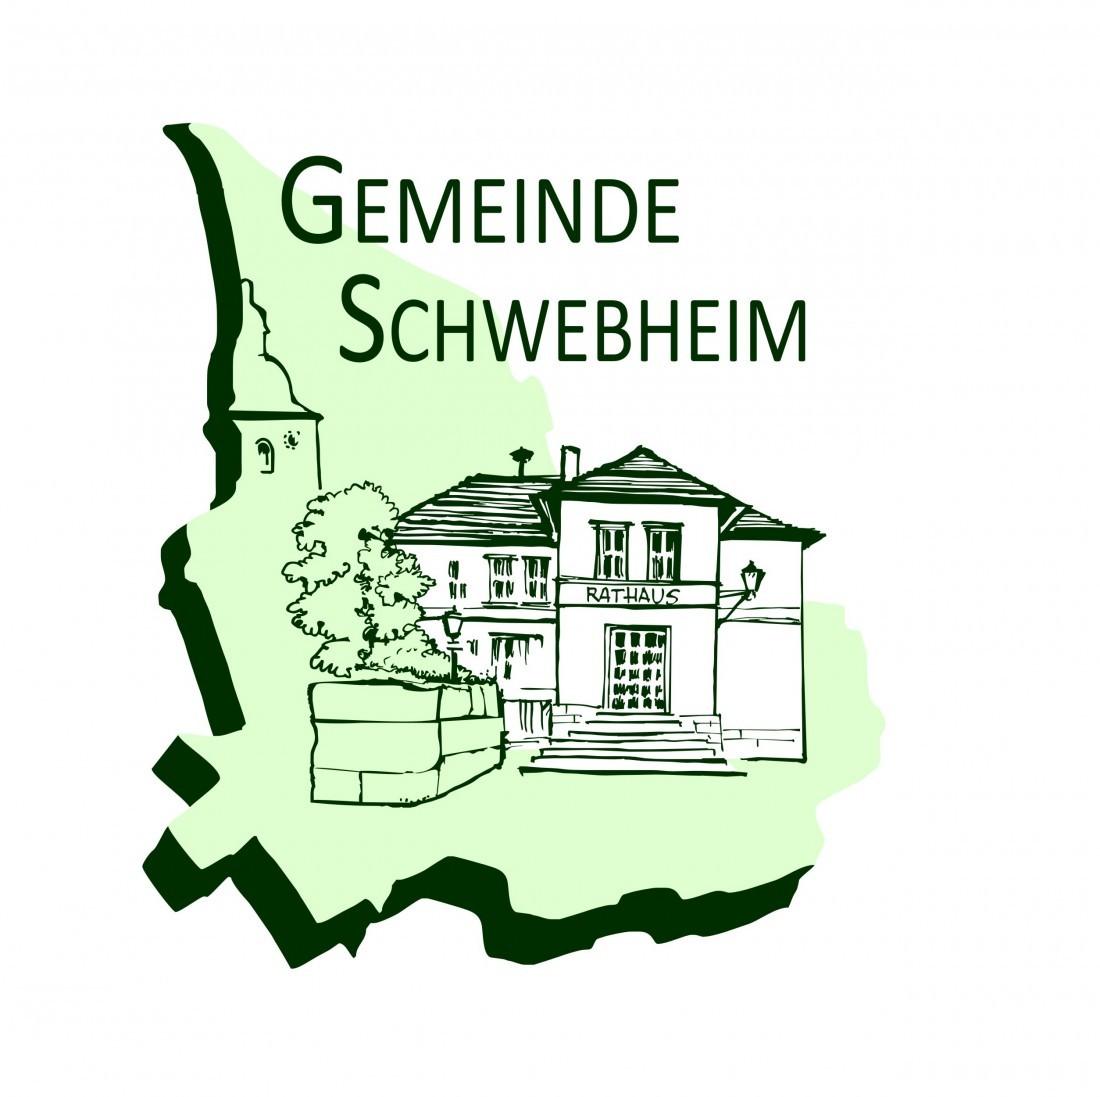 Gemeinde Schwebheim